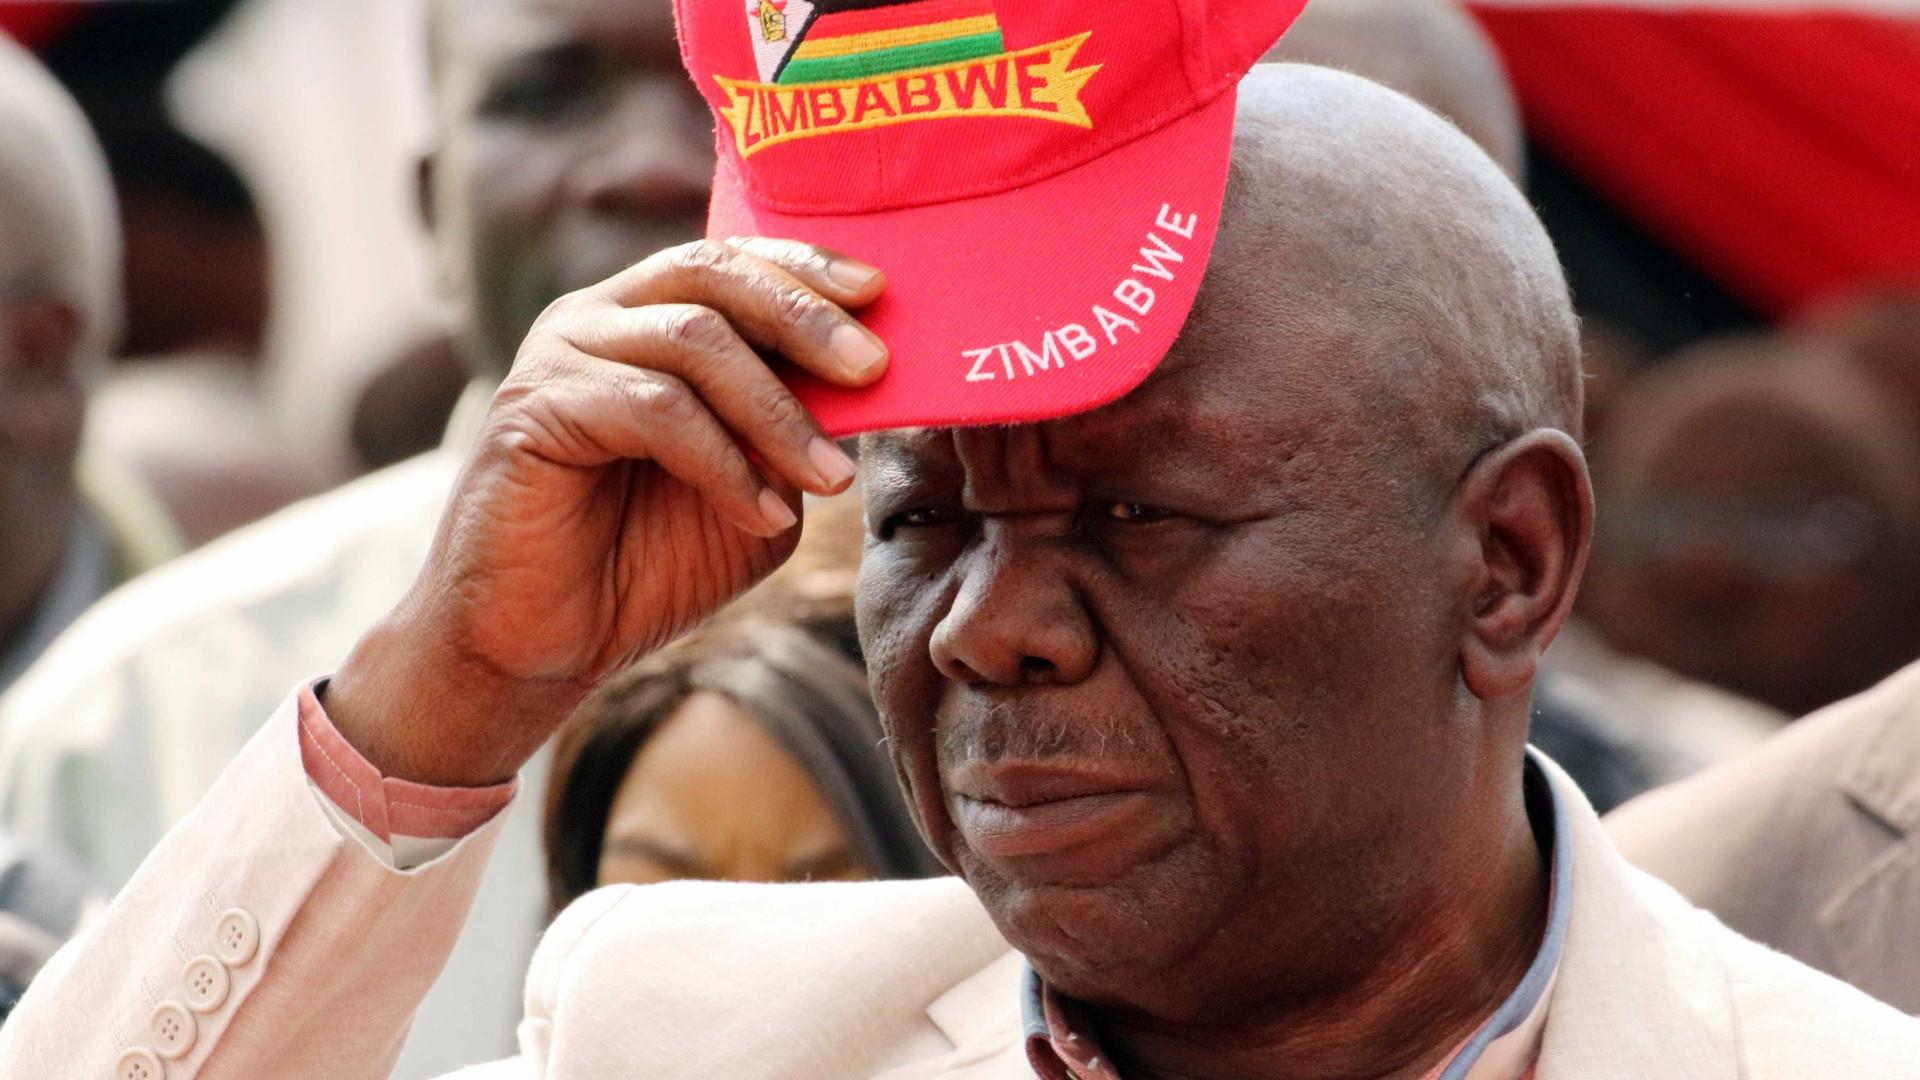 Amnistia elogia líder da oposição do Zimbabué que morreu quarta-feira